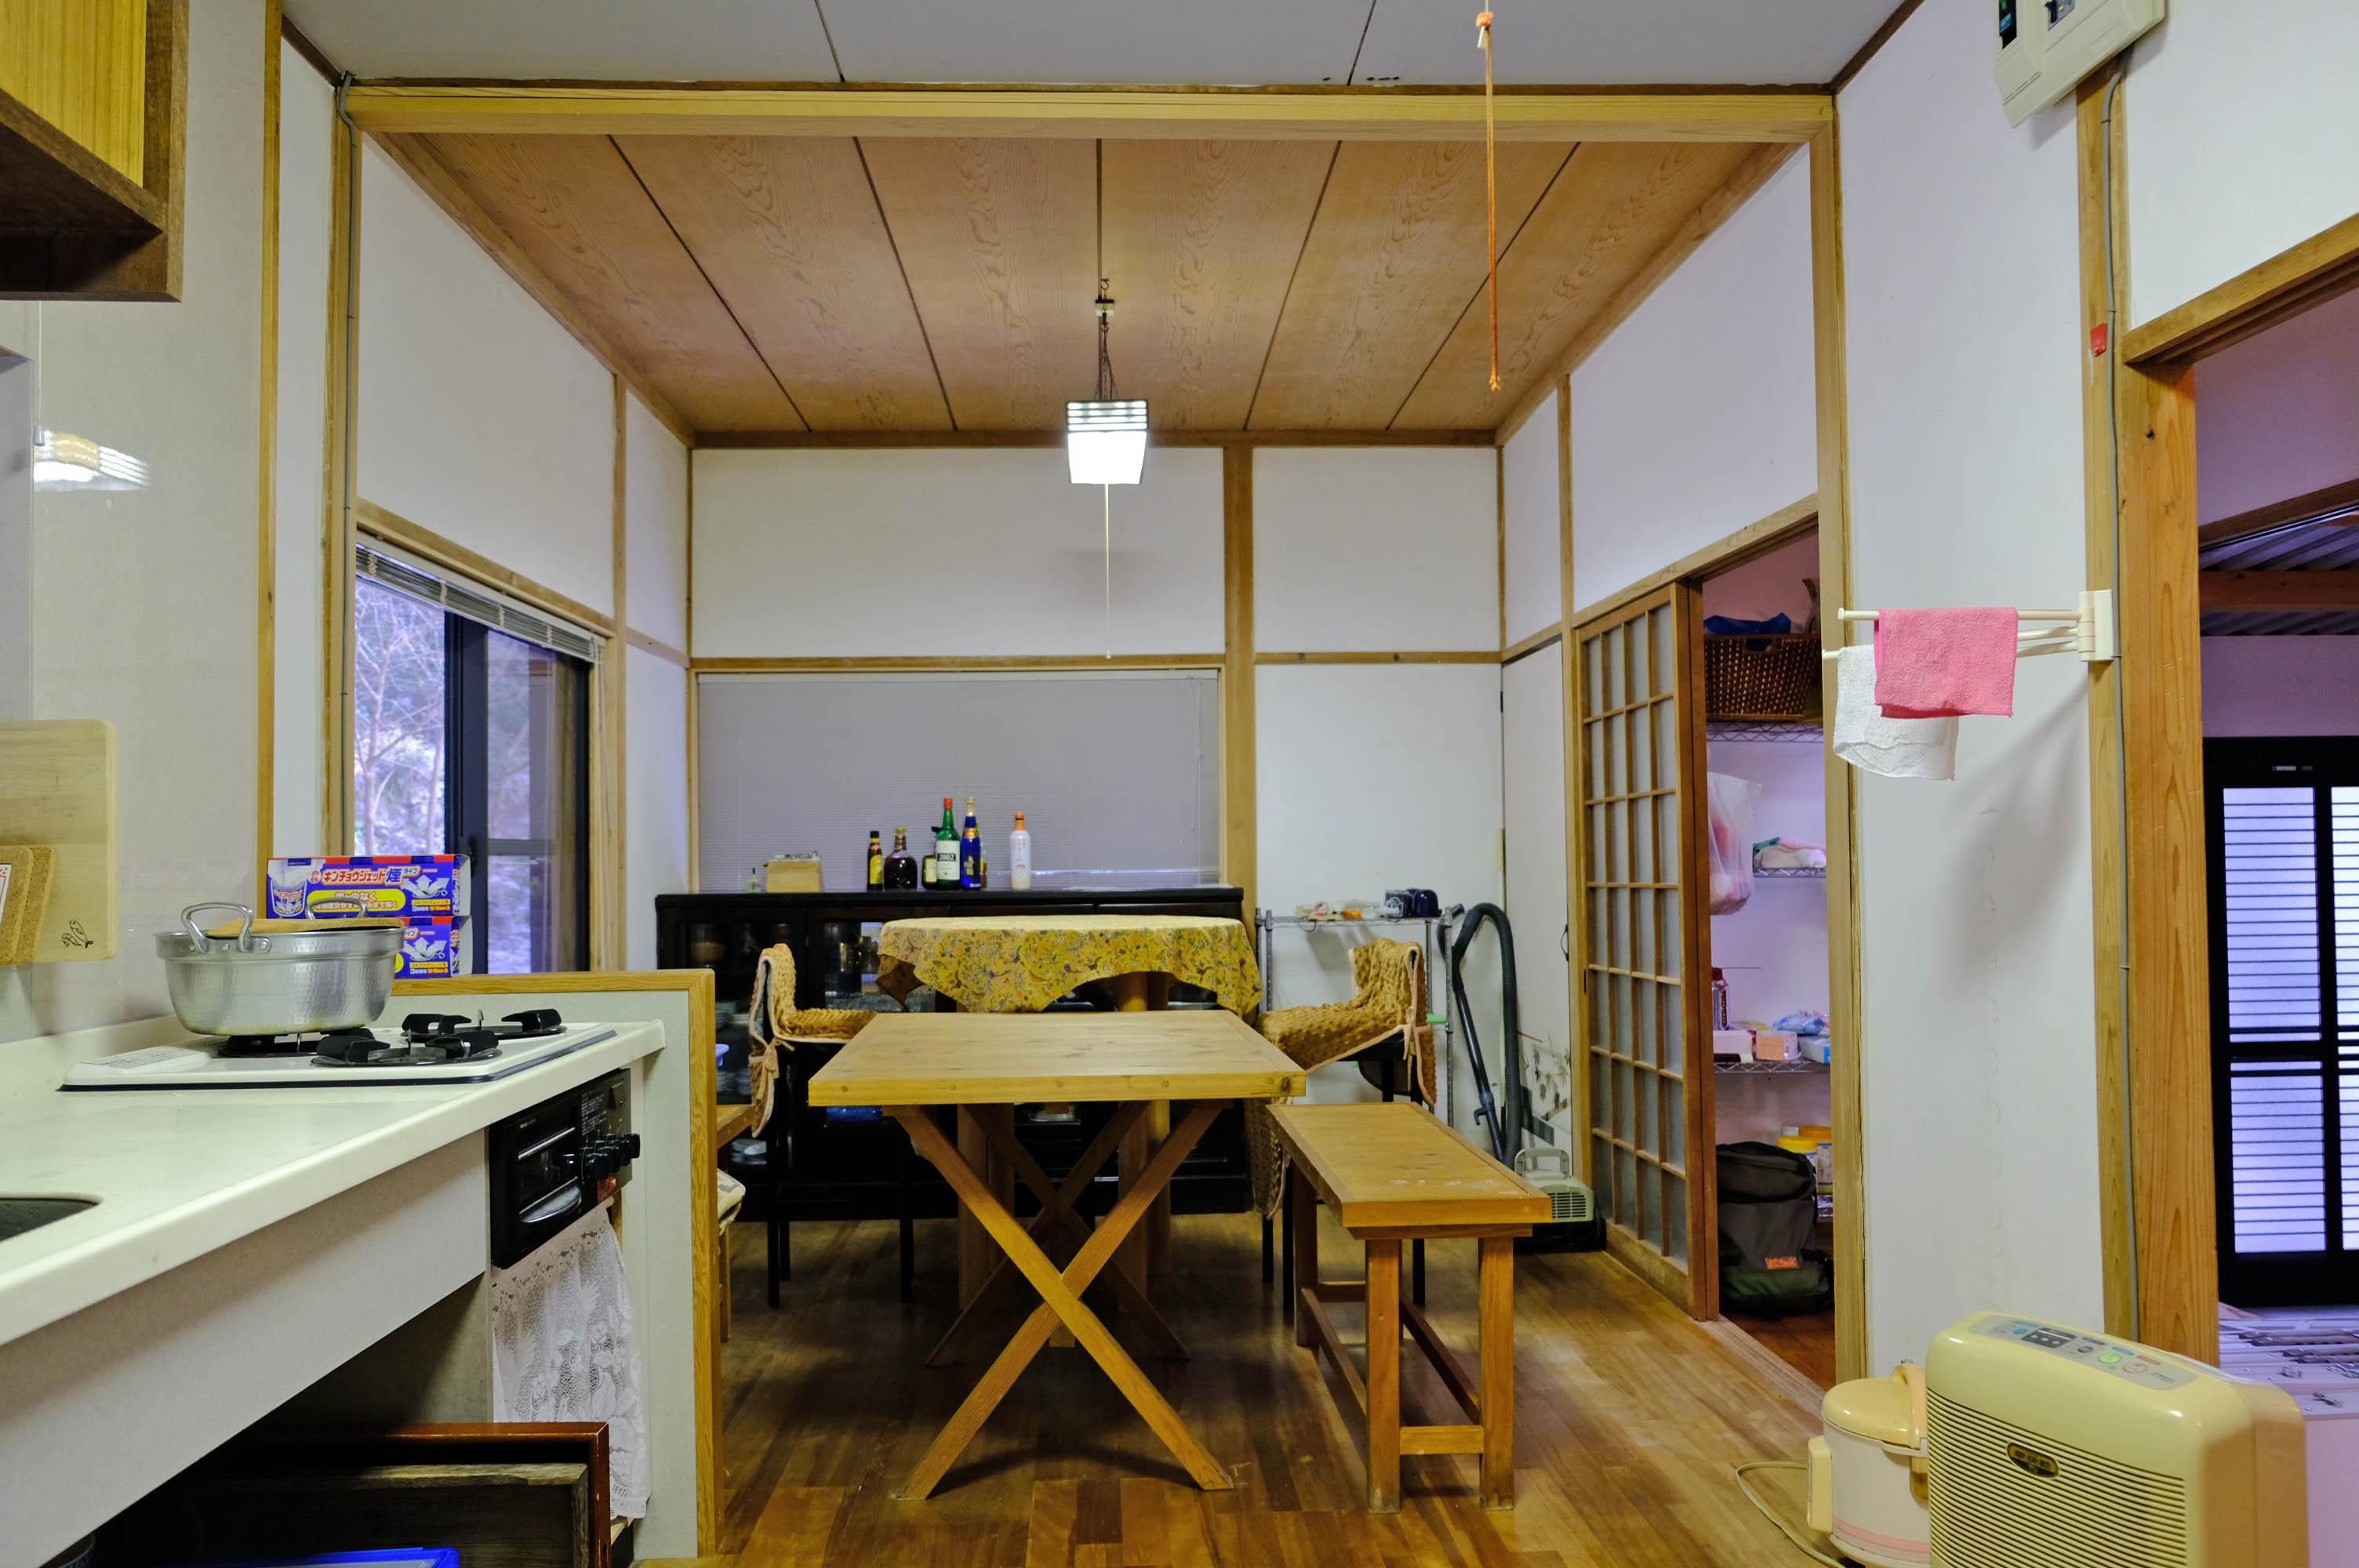 ダイニングキッチン、お隣は玄関土間と繋がります。